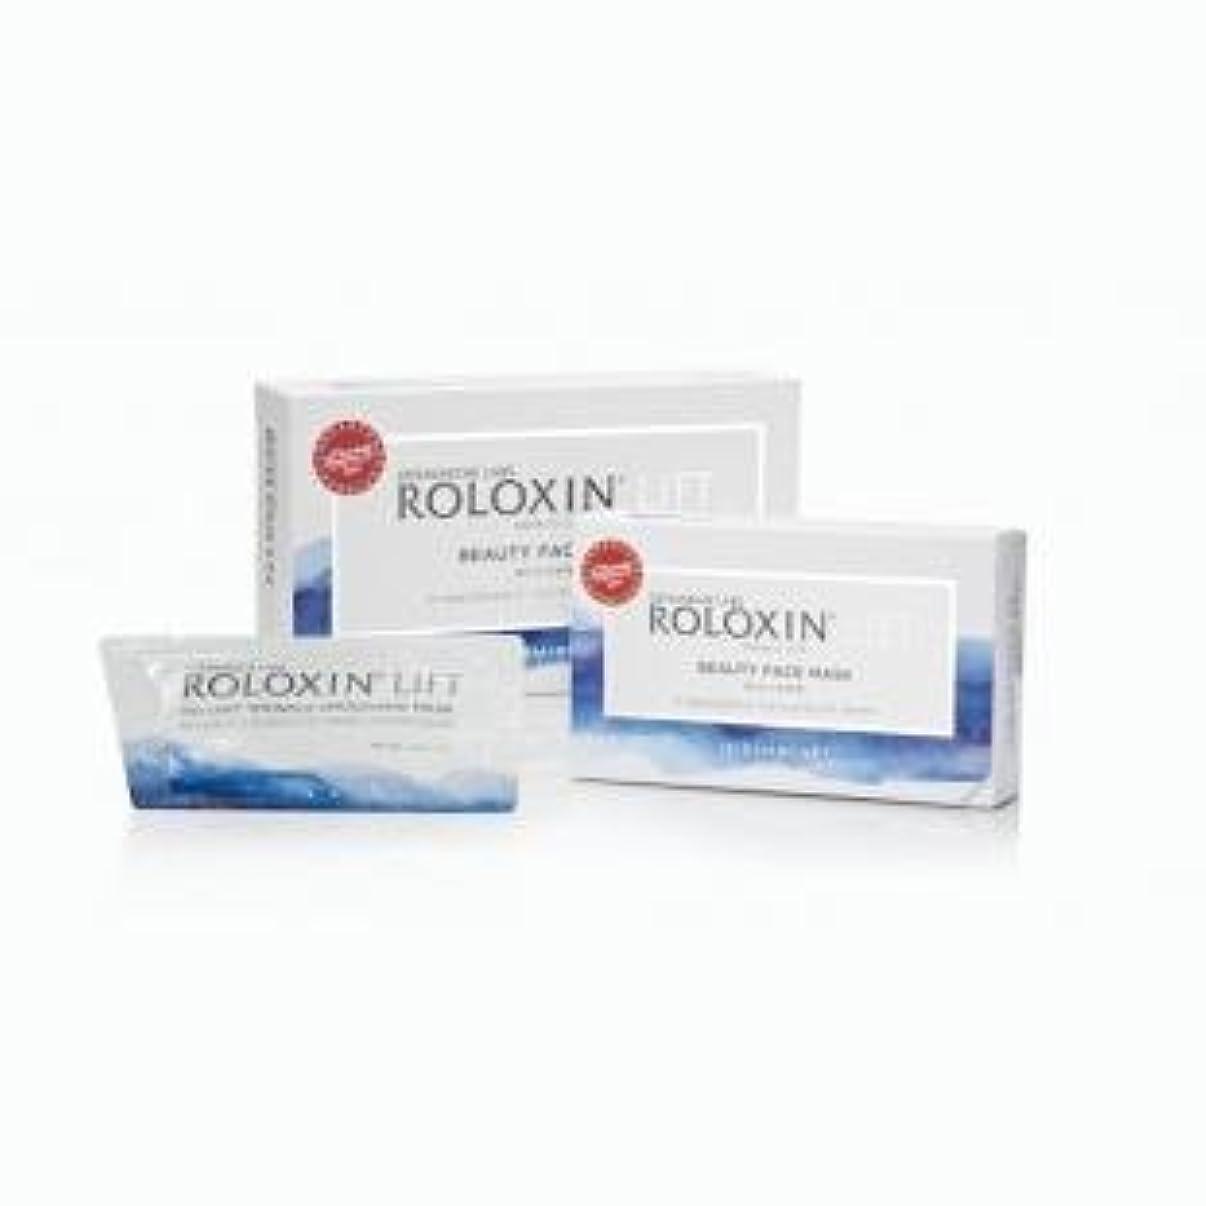 注入空いているにやにやROLOXIIN LIFT(ロロキシン リフト) 5個パック